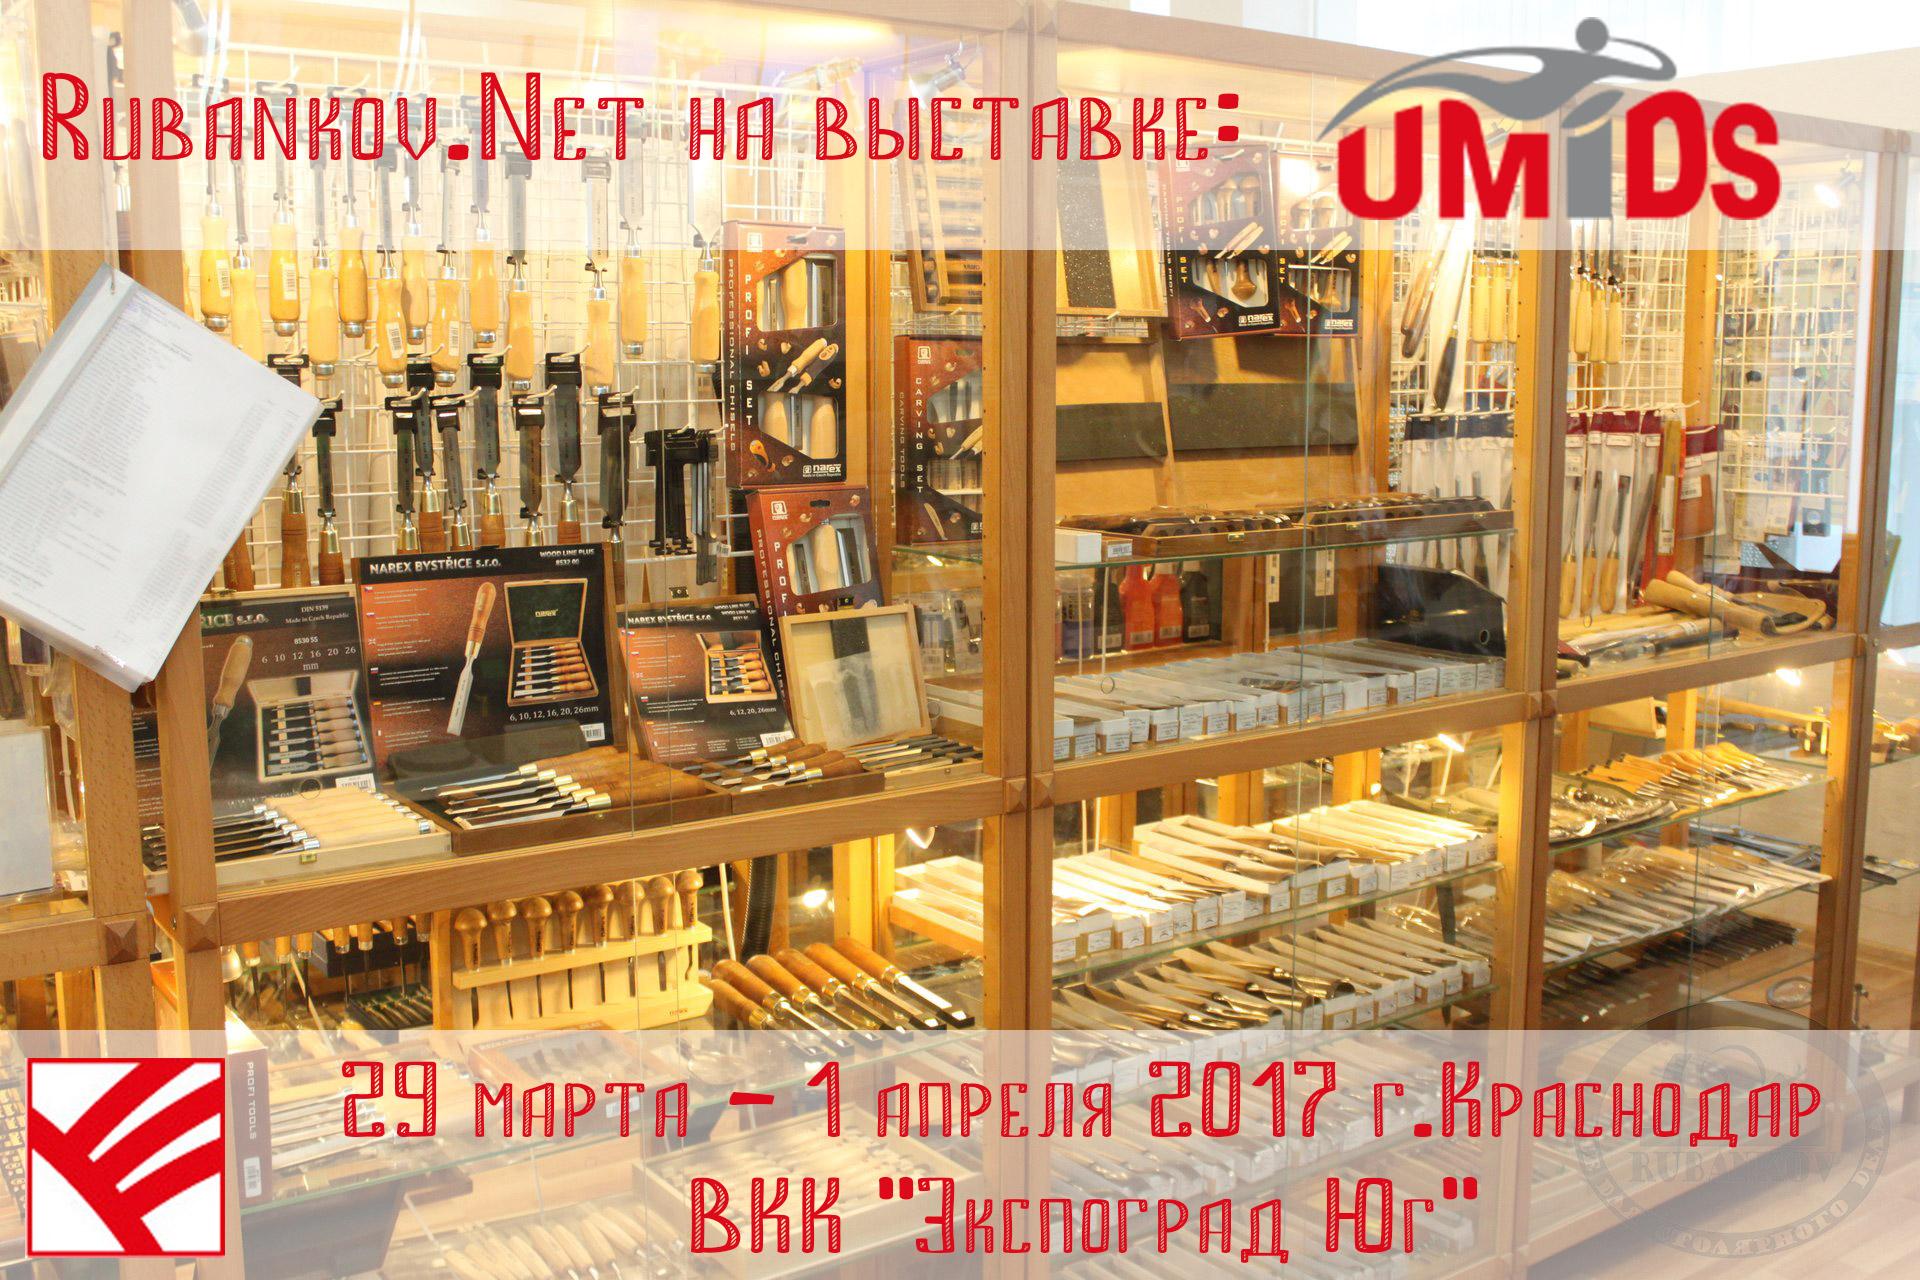 Rubankov на выставке UMIDS 2017